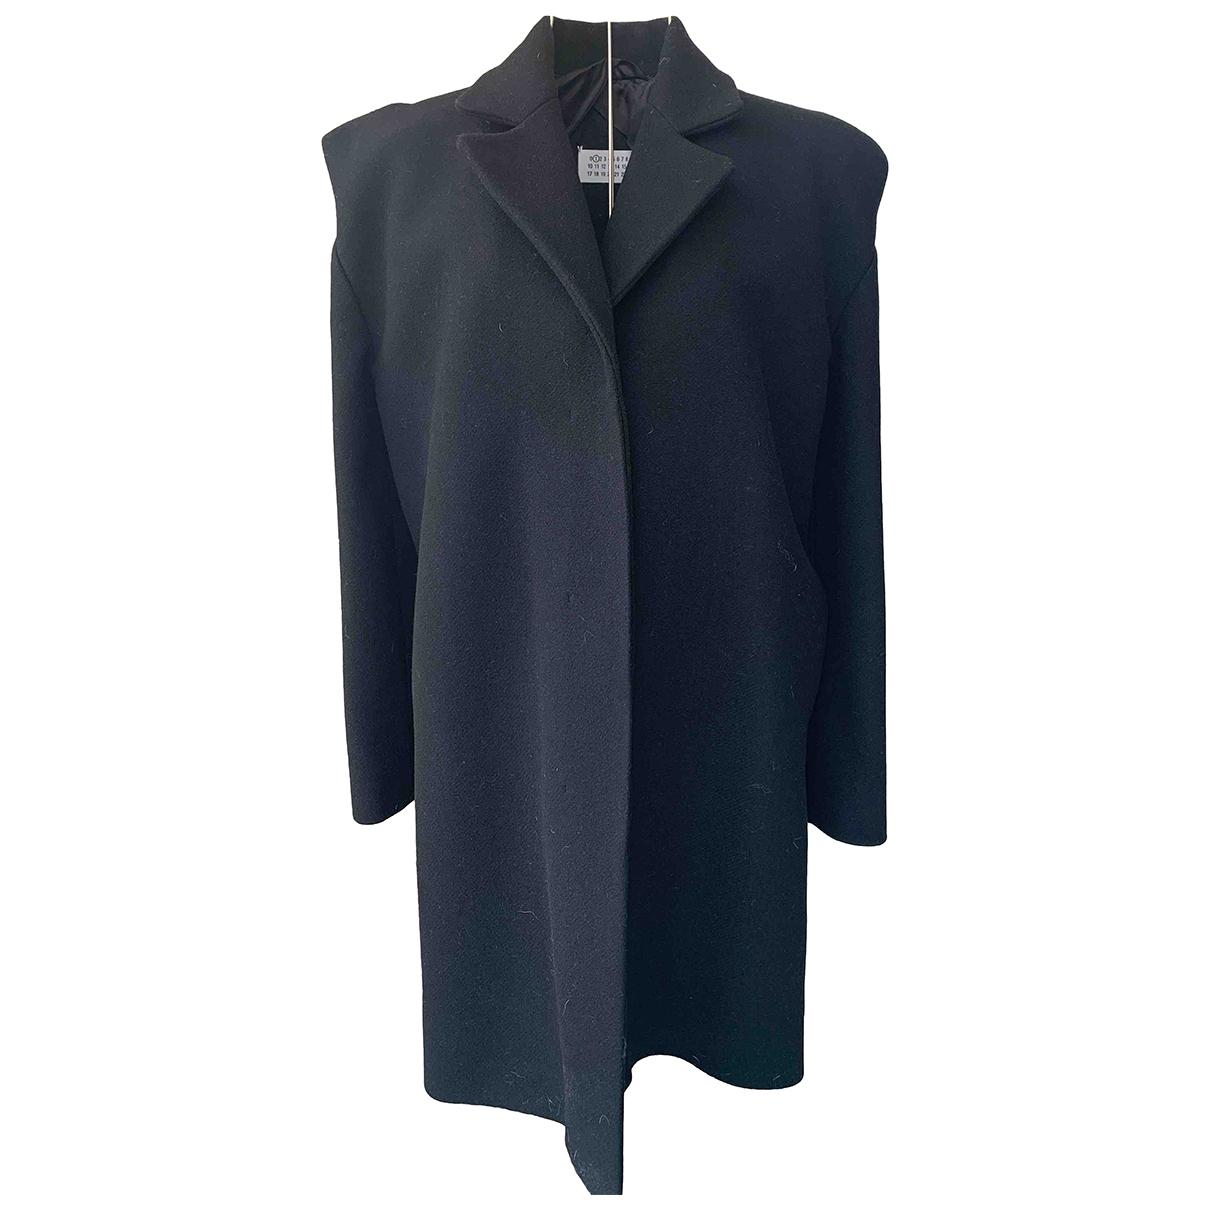 Maison Martin Margiela - Manteau   pour femme en laine - noir